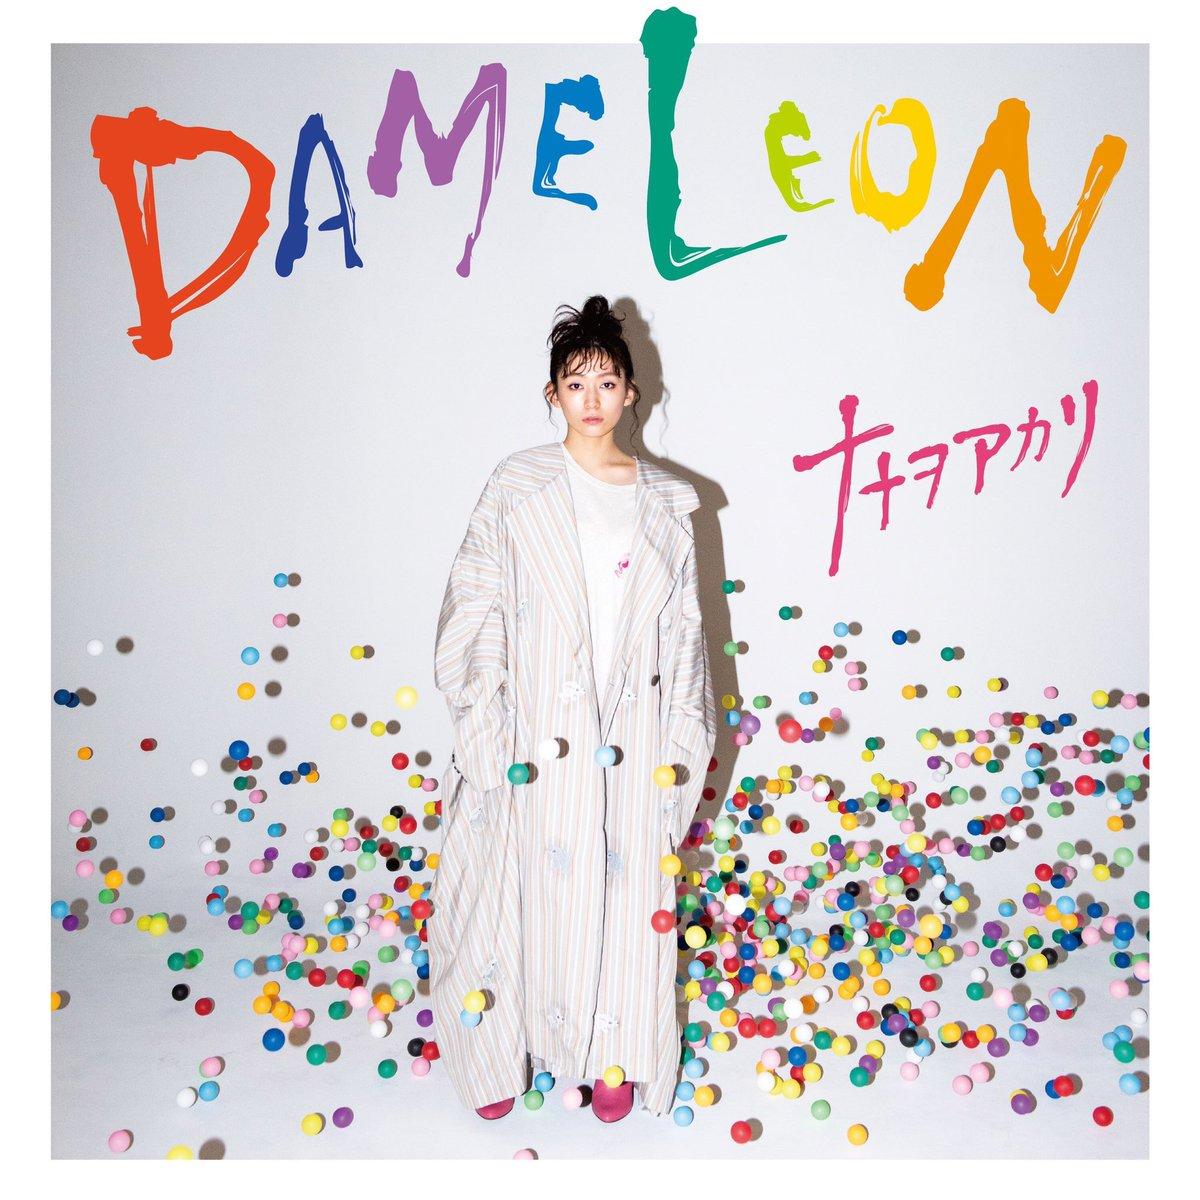 『ナナヲアカリ - たぶん、嘘だね。 歌詞』収録の『DAMELEON』ジャケット